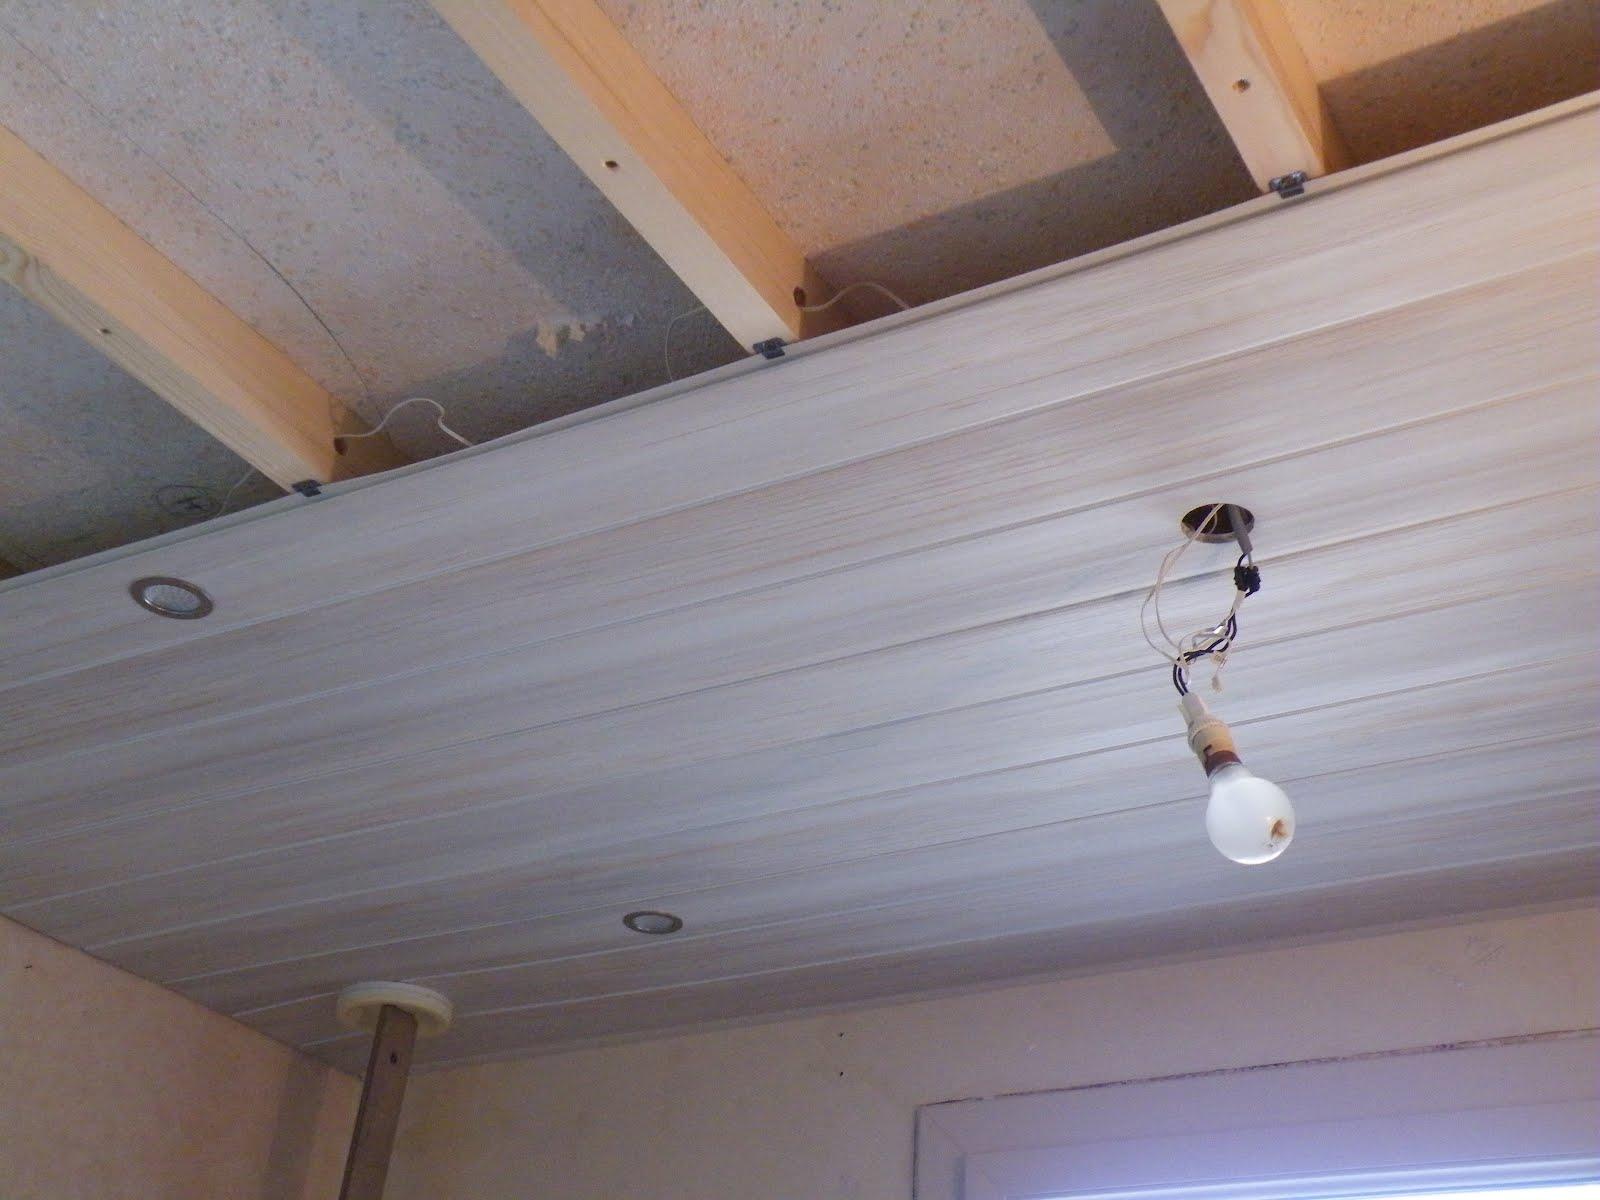 lambris pour plafond - isolation idées - Lambris Pvc Pour Plafond Salle De Bain